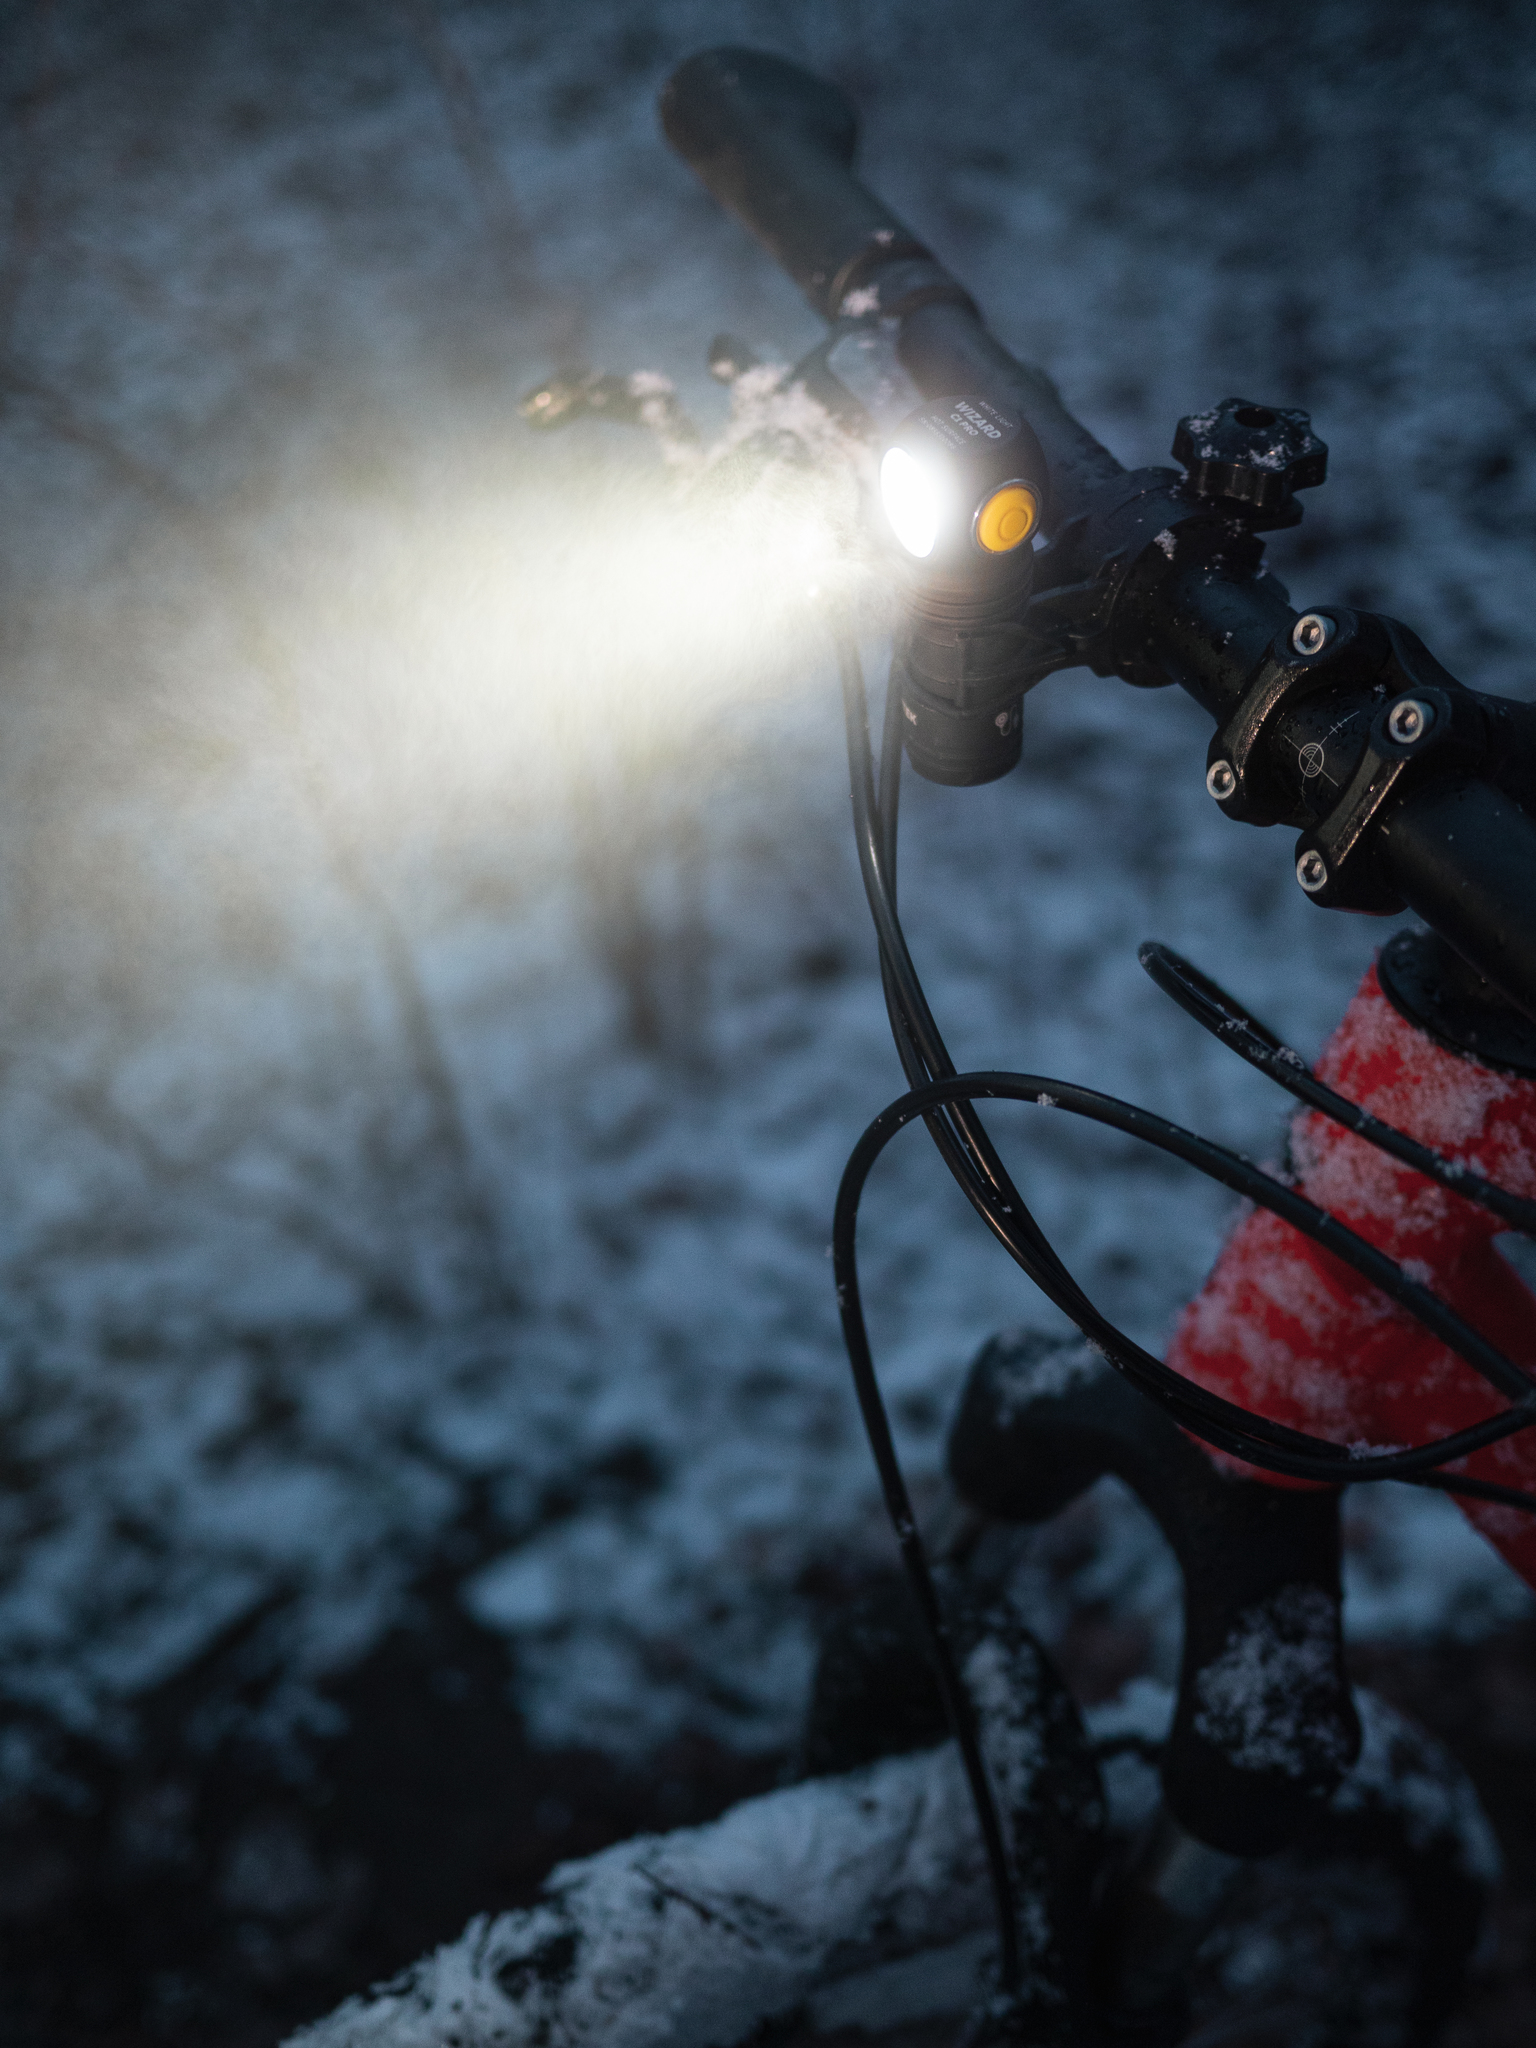 Мультифонарь Armytek Wizard C1 Pro Magnet Usb (теплый свет) - фото 7